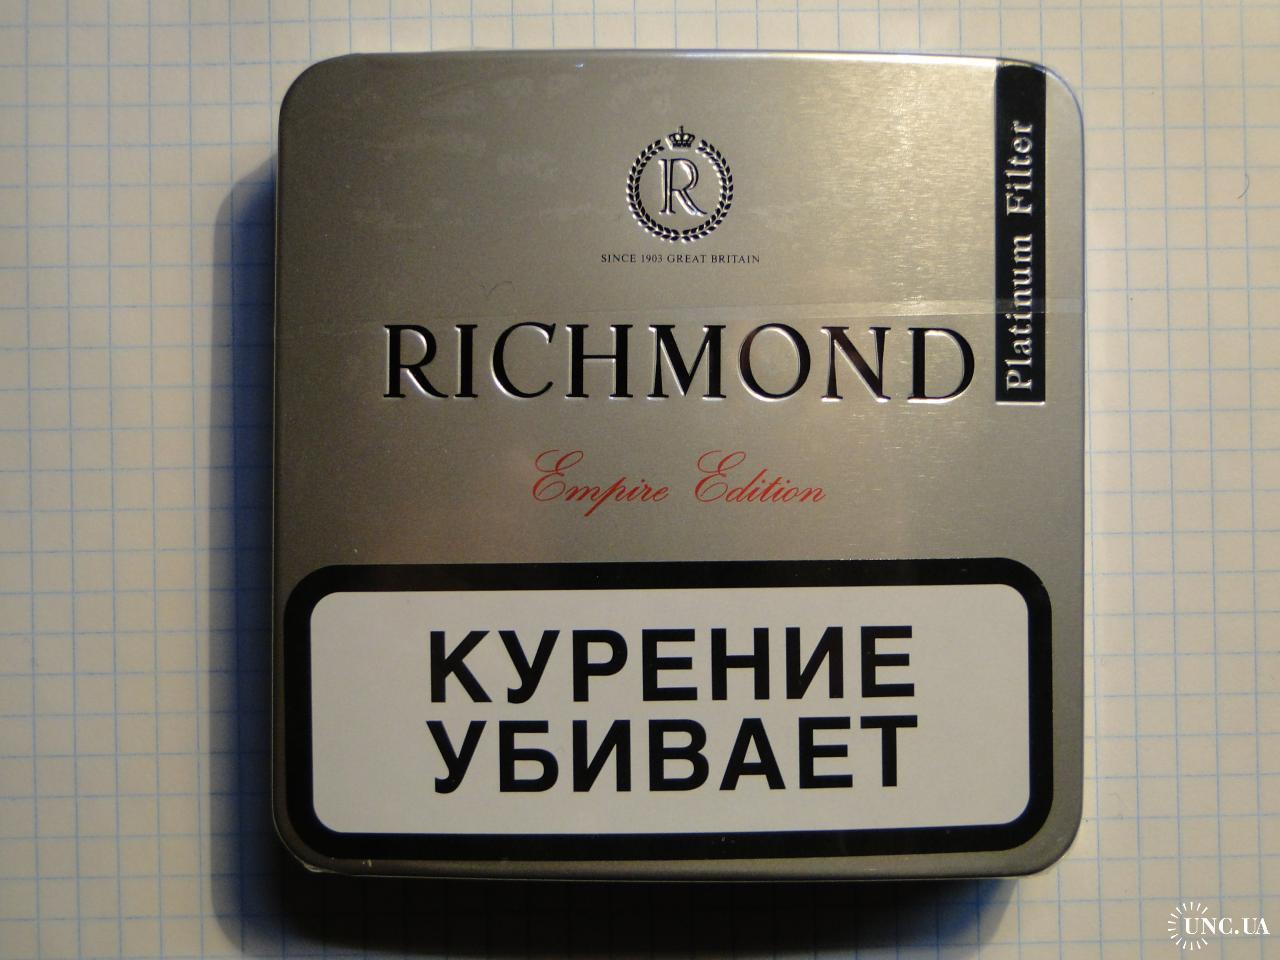 где купить сигареты коробкой